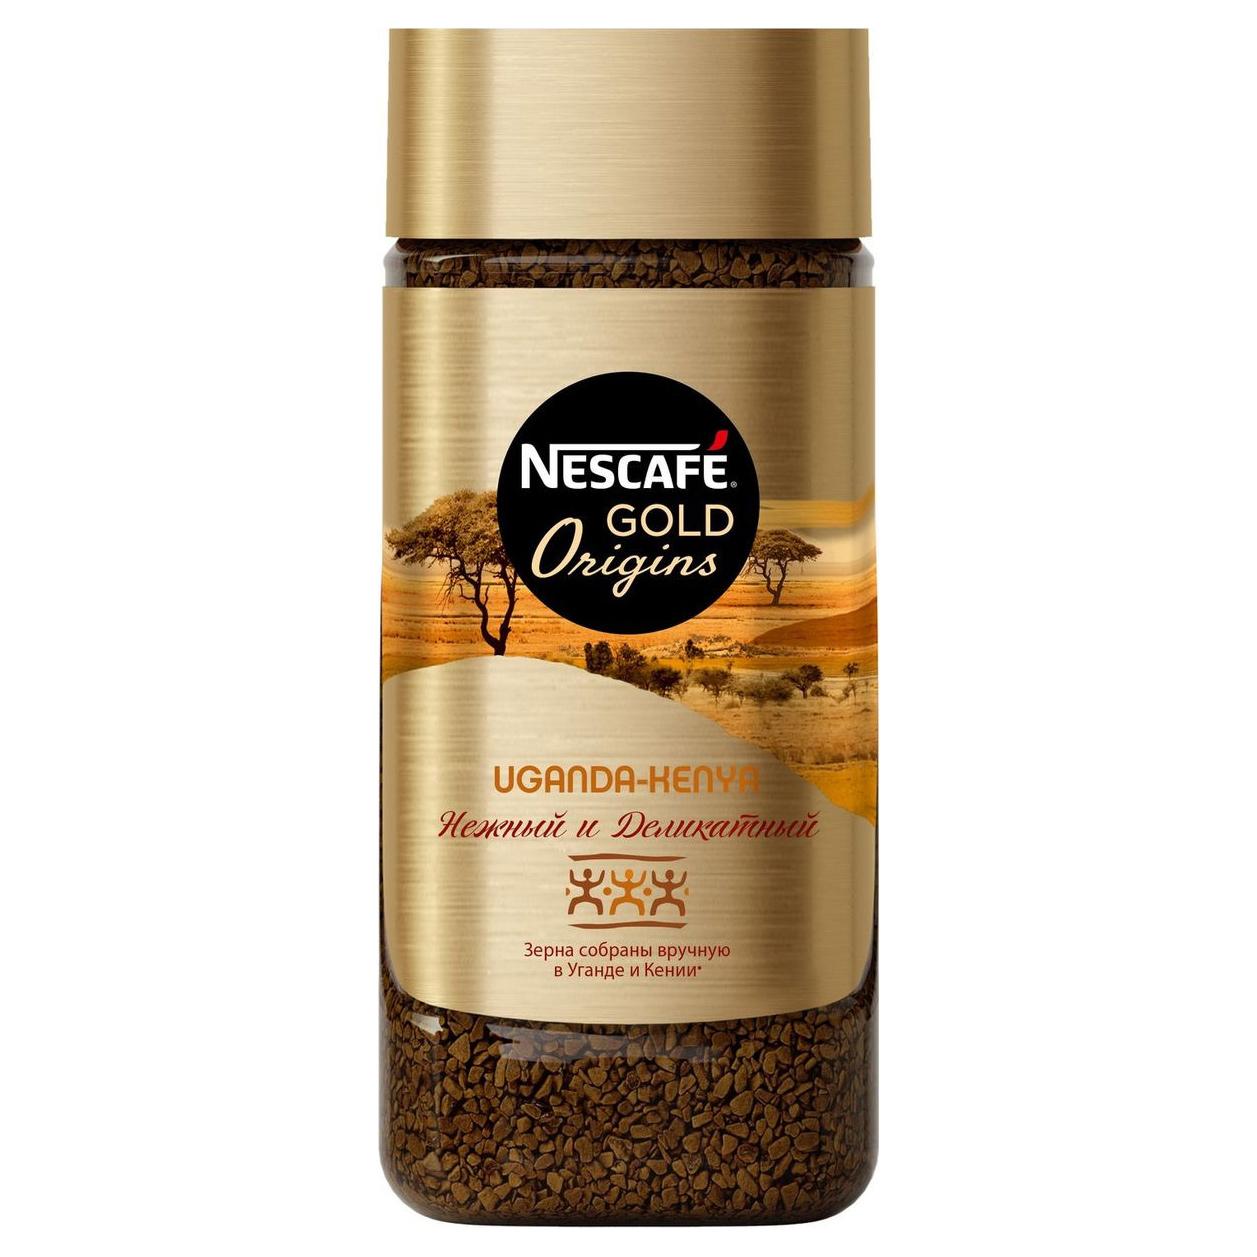 Кофе растворимый Nescafe Gold Uganda-Kenya 85 г sex education in kenya